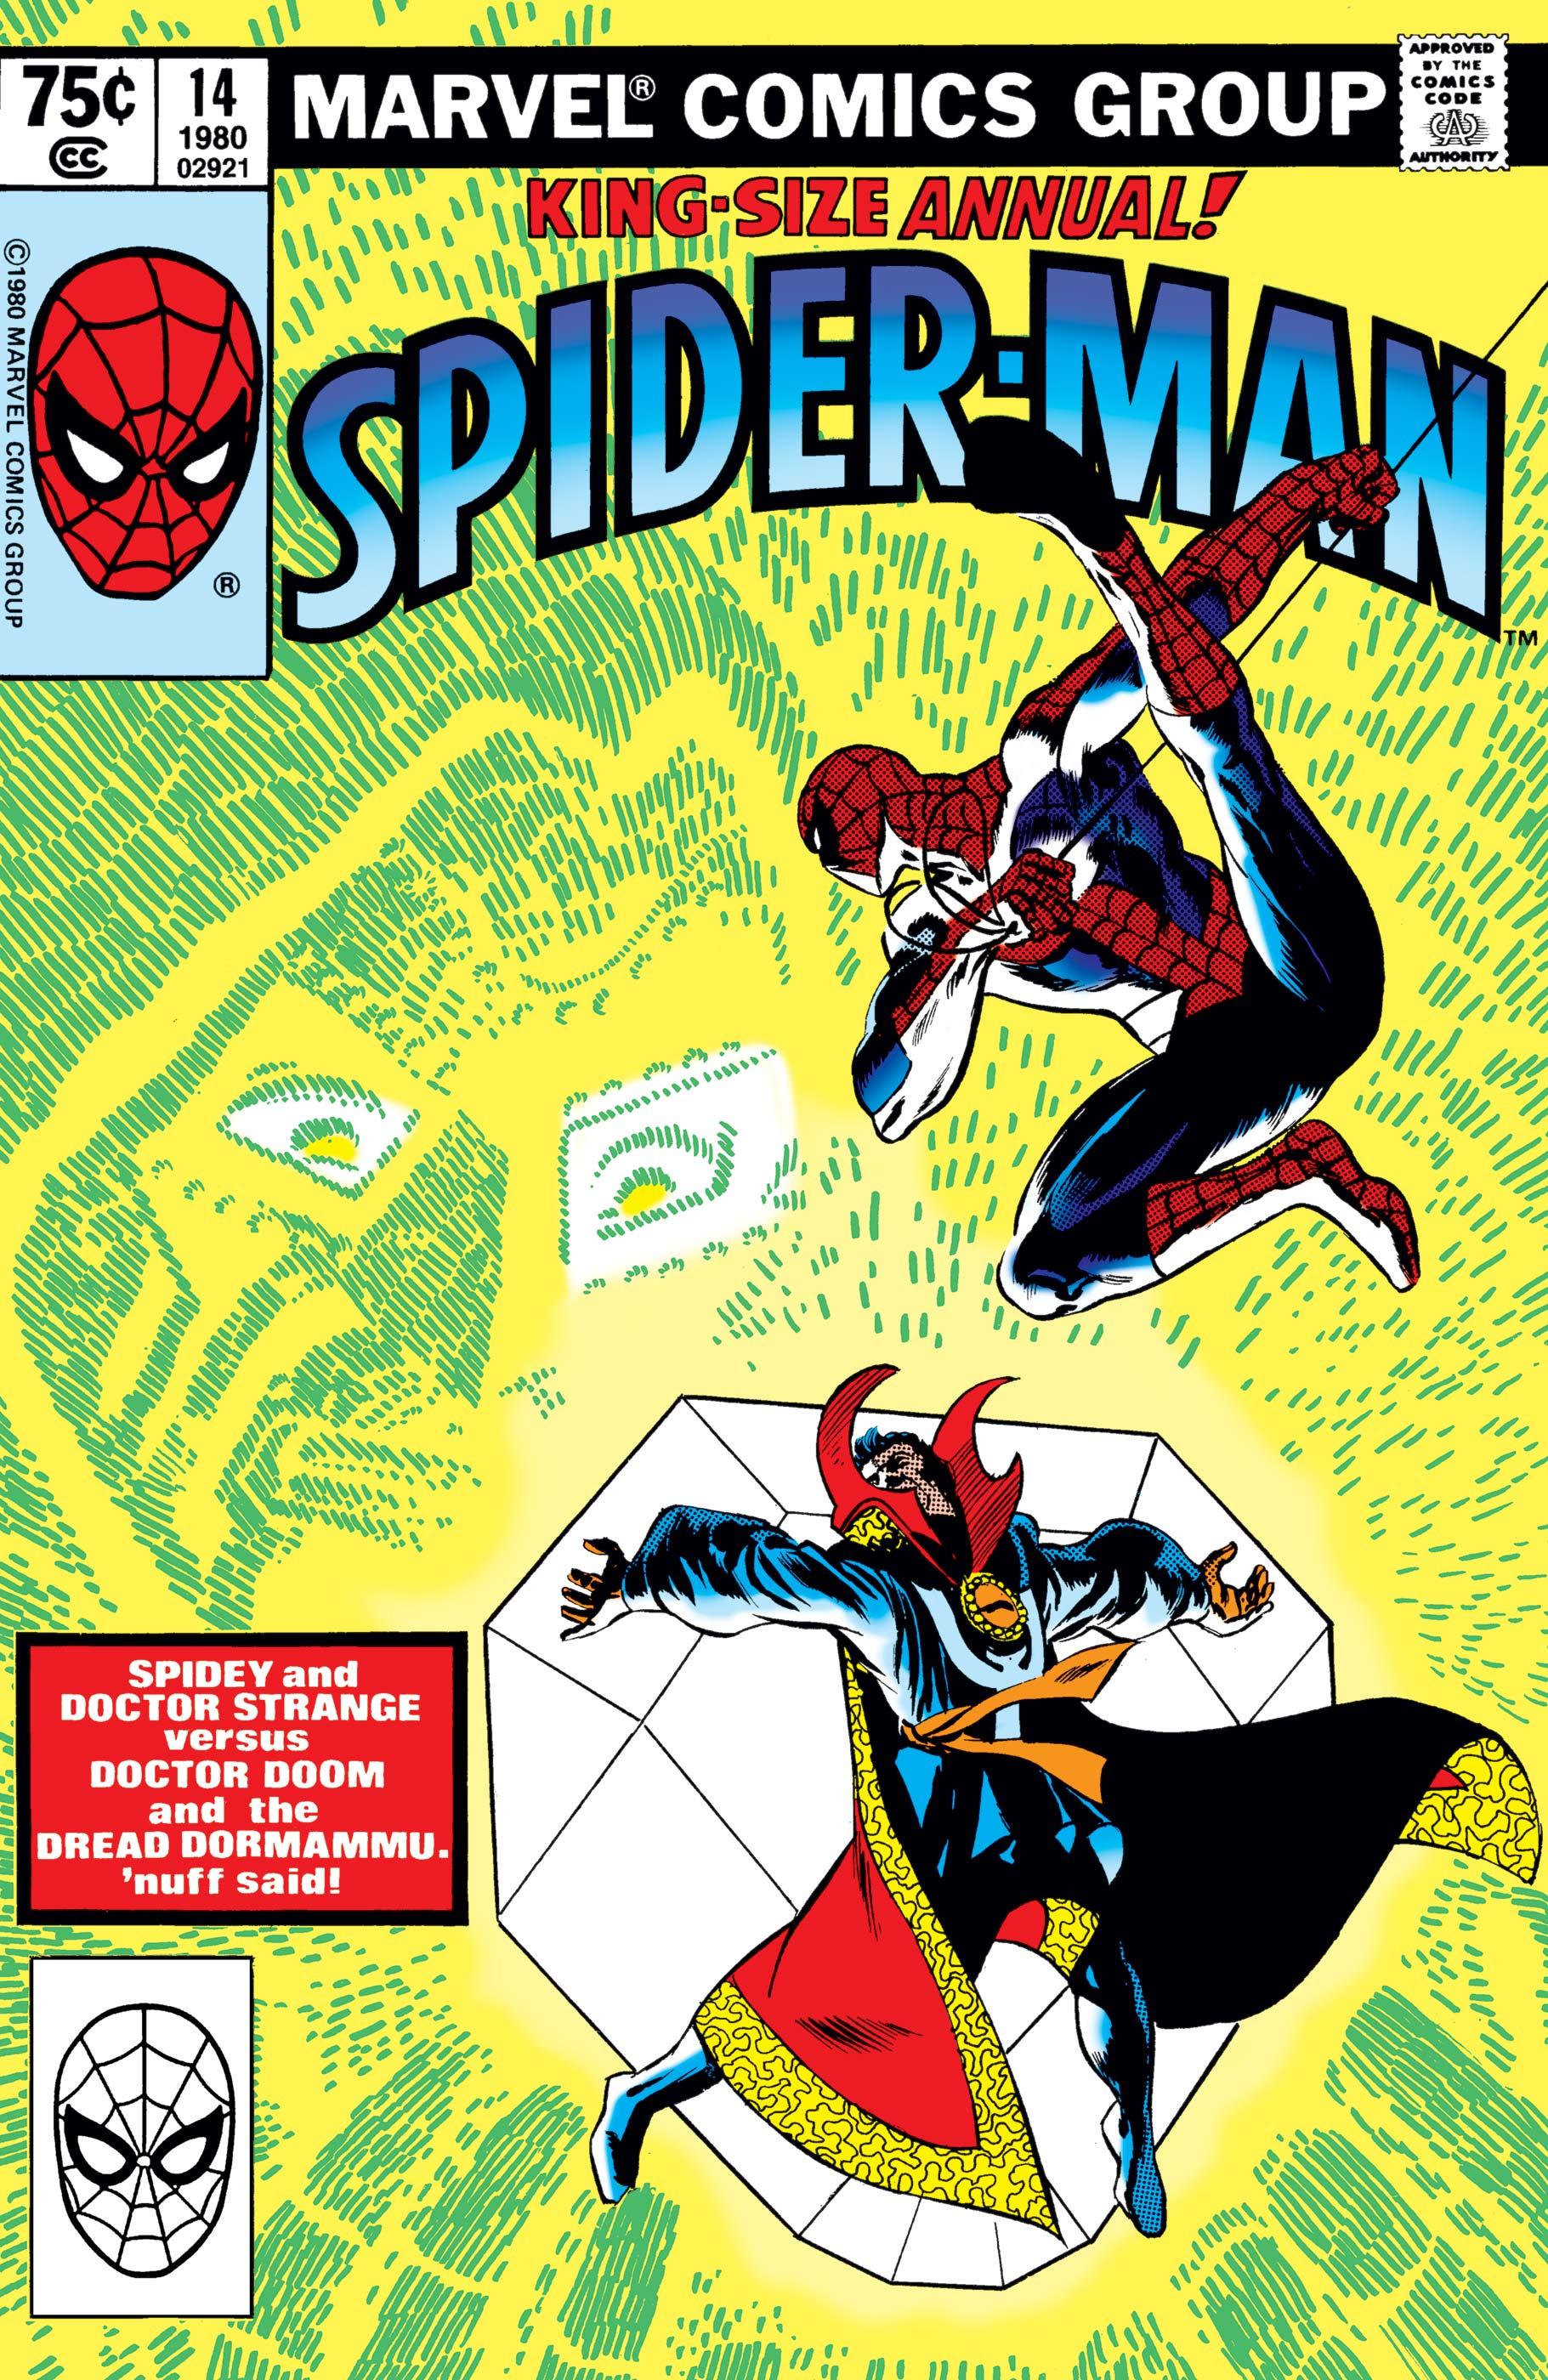 Amazing Spider-Man Annual (1964) #14